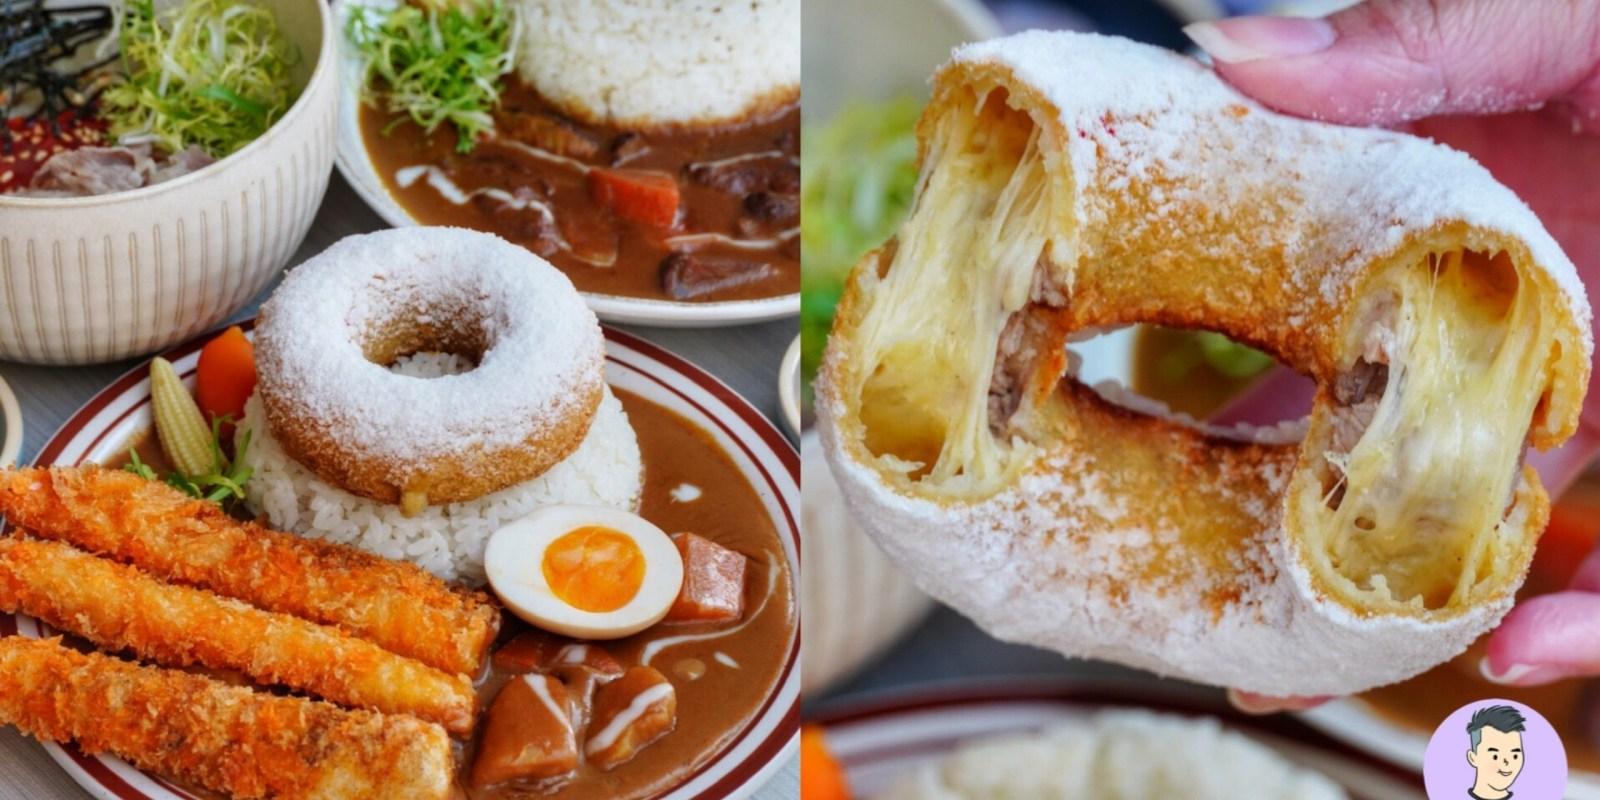 台南美食【大丸家 CurryRice】台南超美韓系甜甜圈店!原來甜甜圈有這麼多吃法 雪藏起司牽絲好邪惡